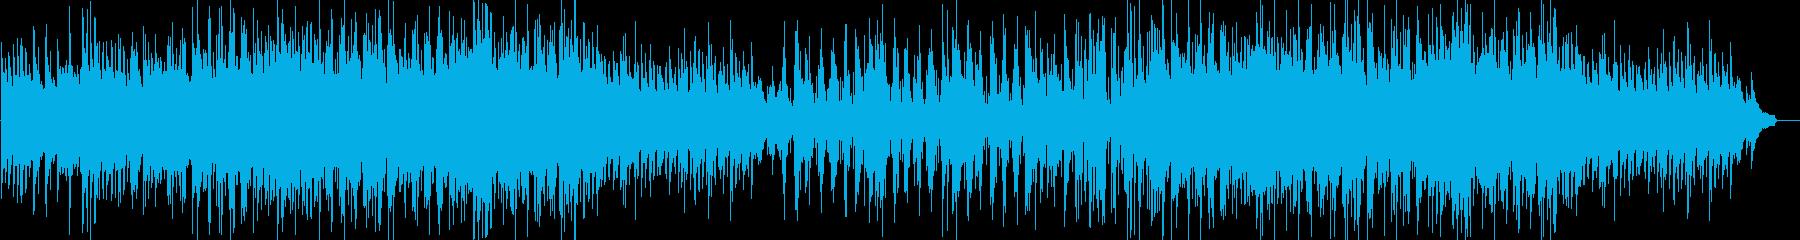 北欧系のオシャレで壮大な五拍子ジャズの再生済みの波形